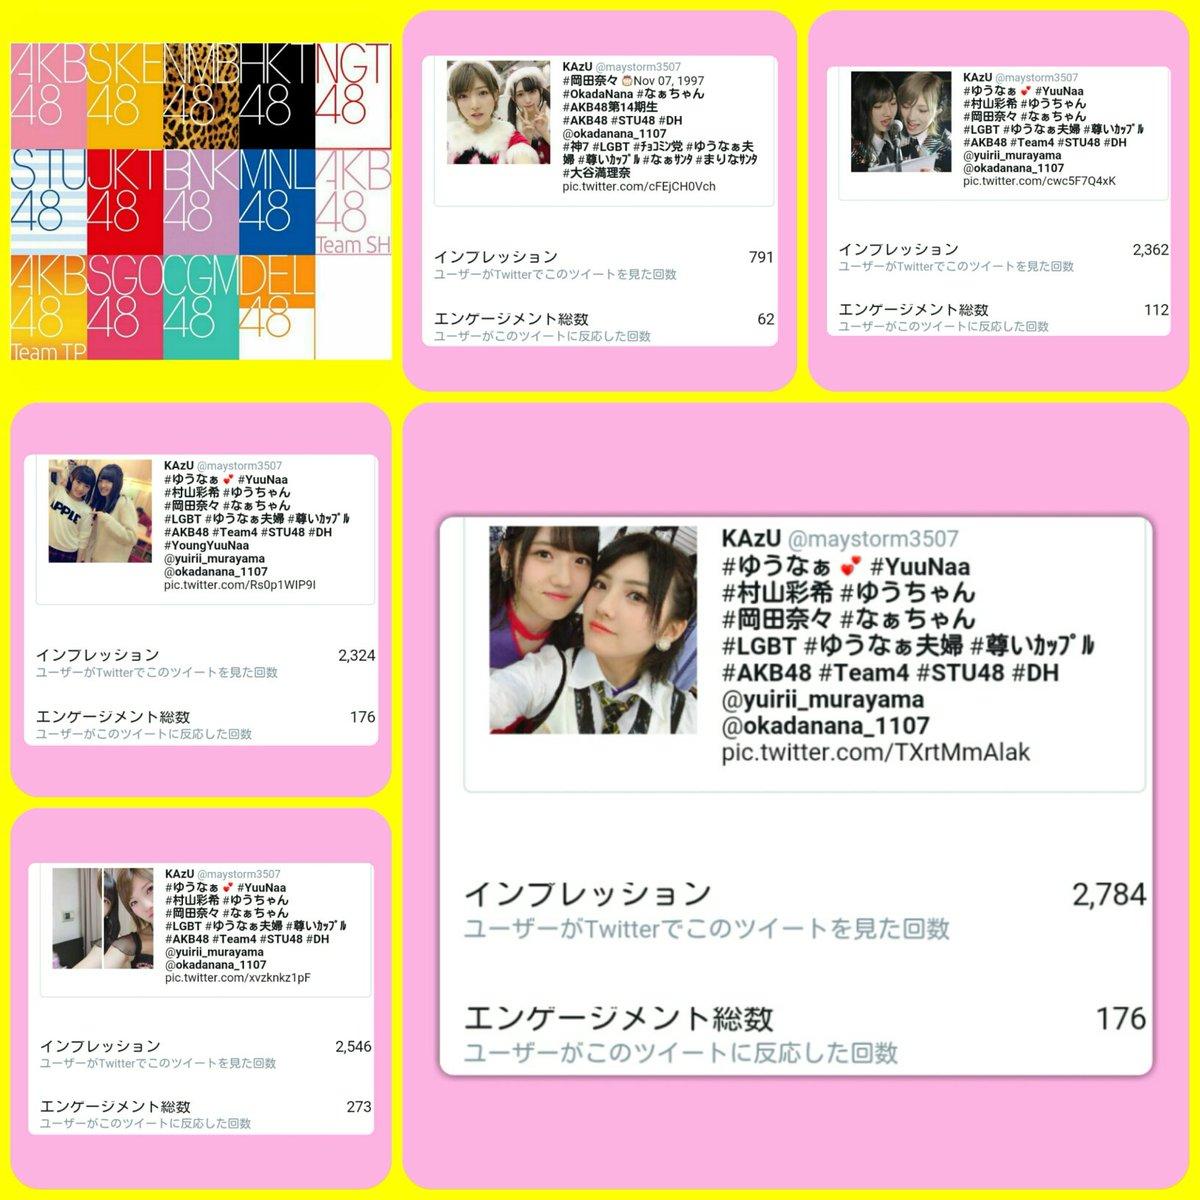 #ツイートアクティビティ #インプレッション #impression 《ユーザーがTwitterでこのツイートを見た回数》 10月17日(土) ツイート数:6 インプレッション合計:10807 [+1633] 最高値:2784 #ゆうなぁ夫婦 #LGBT #尊いカップル #村山彩希 #岡田奈々 #AKB48 #STU48 https://t.co/SGIuilaTcB